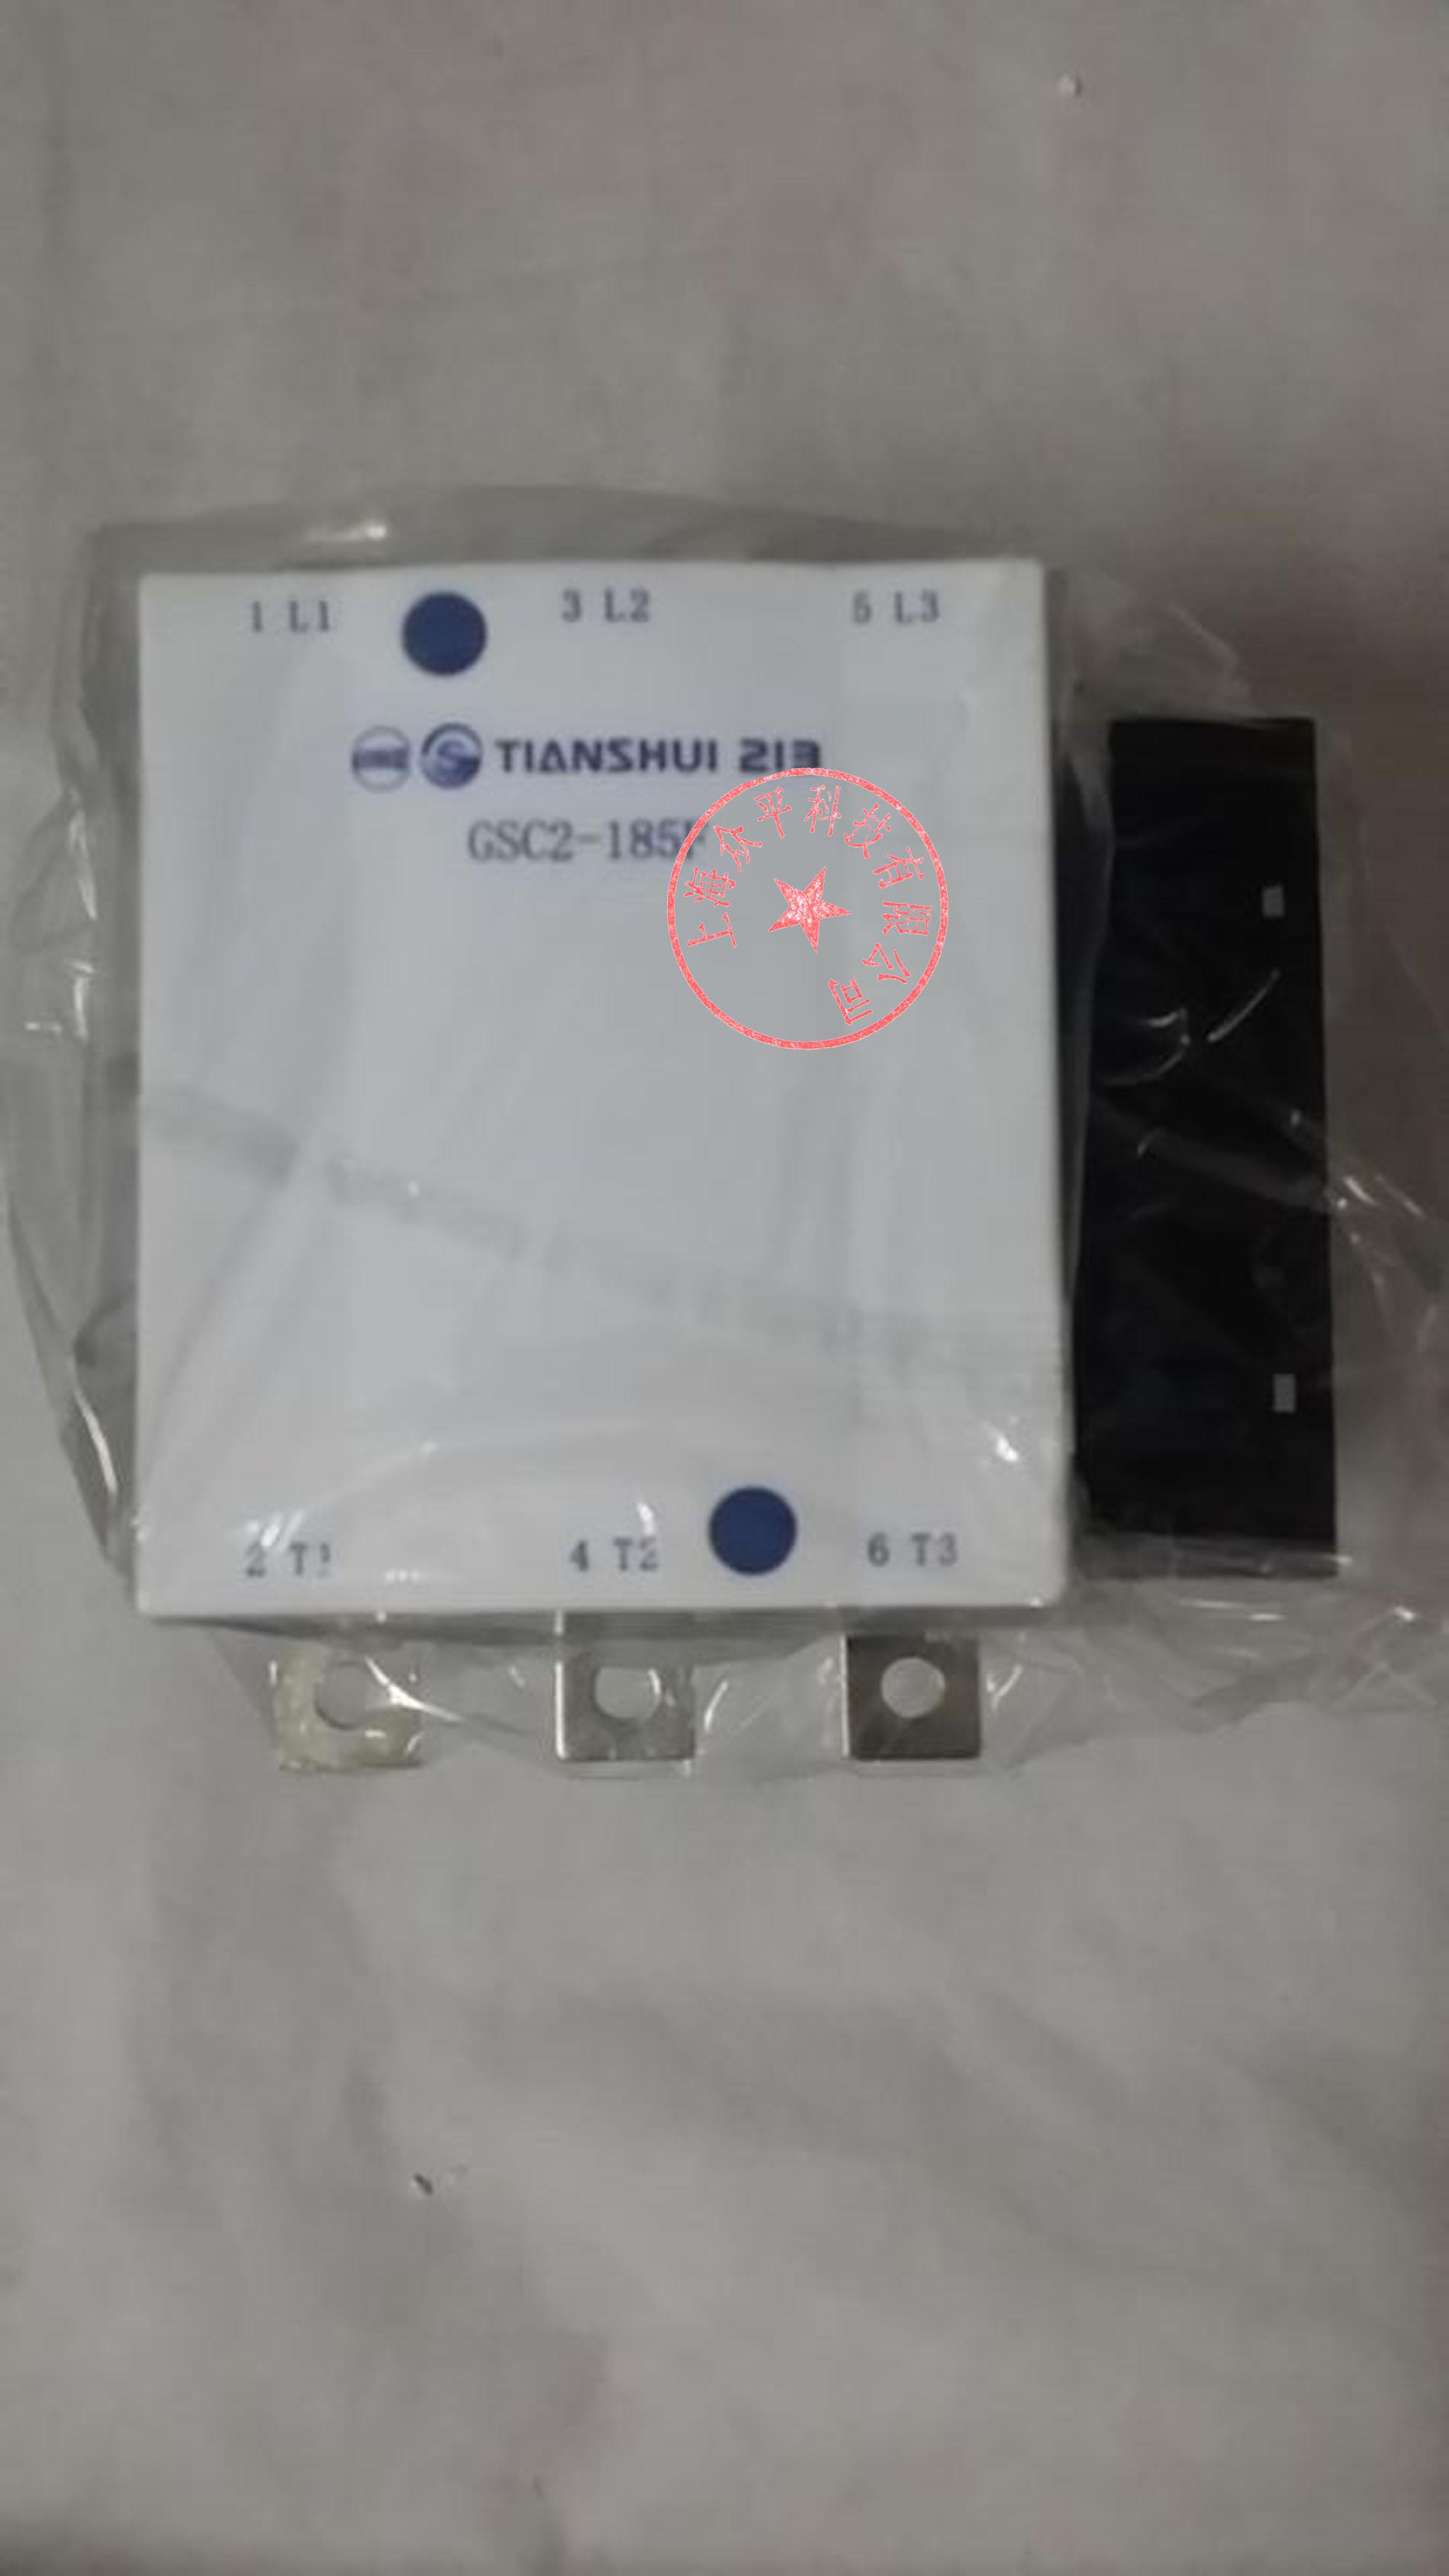 天水二一三 交流接触器  GSC2-185F 185A 销售